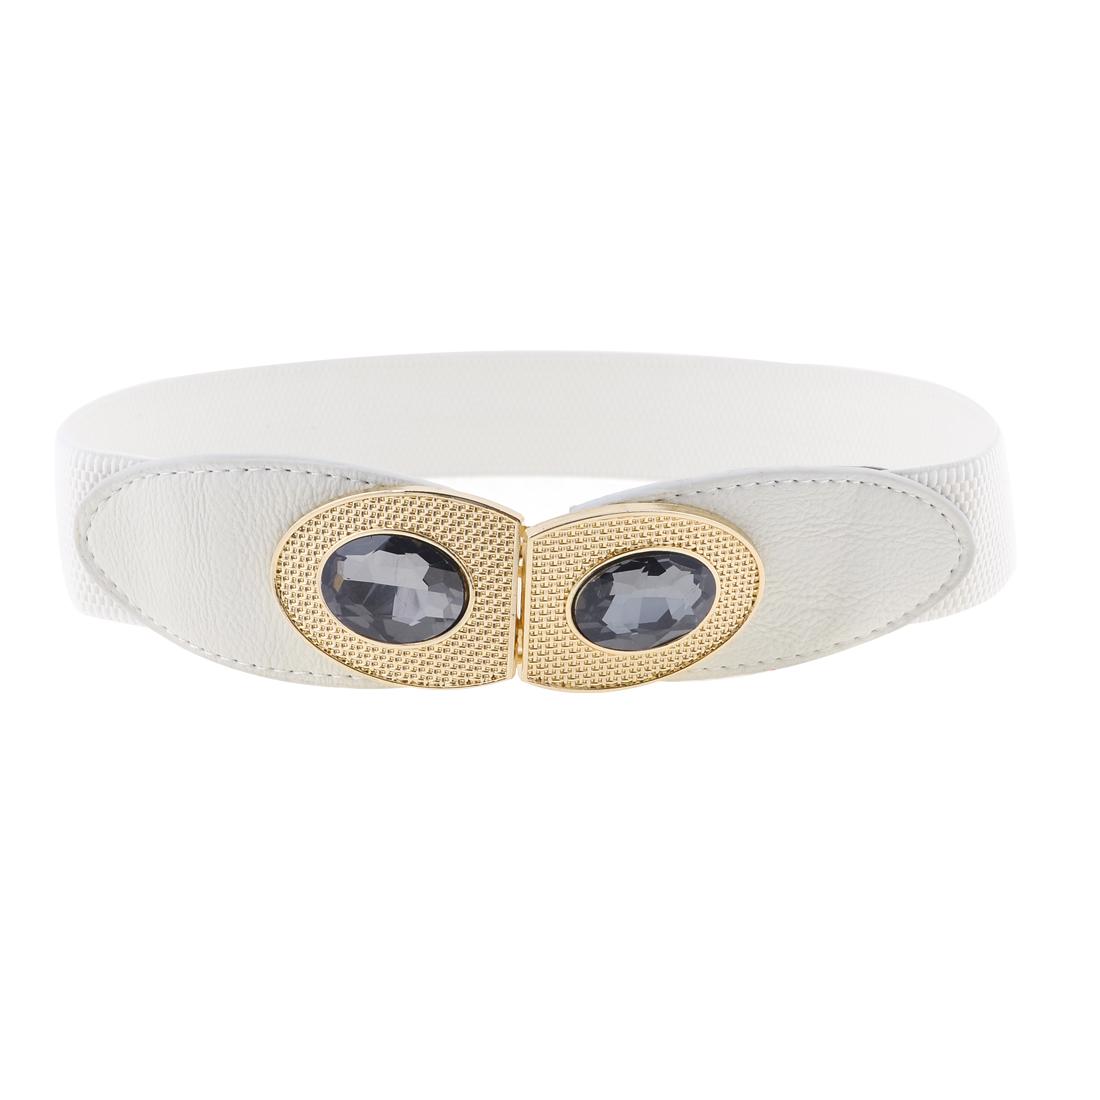 Lady Plastic Cystal Decoration Interlocking Buckle White Stretchy Cinch Belt